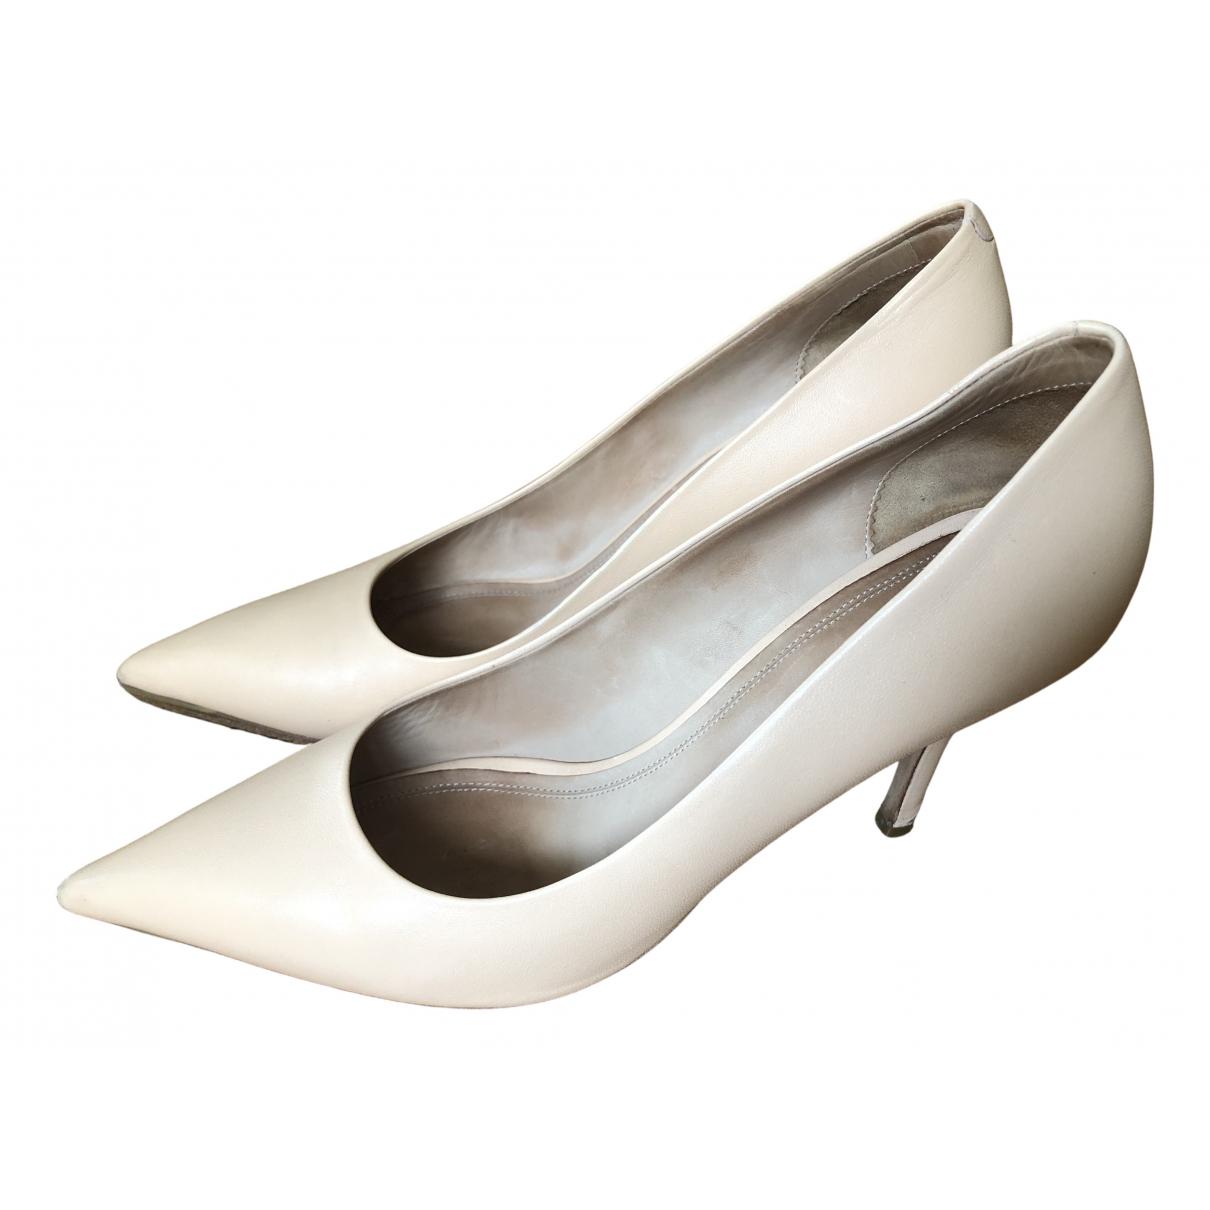 Celine Sharp Beige Leather Heels for Women 39 EU